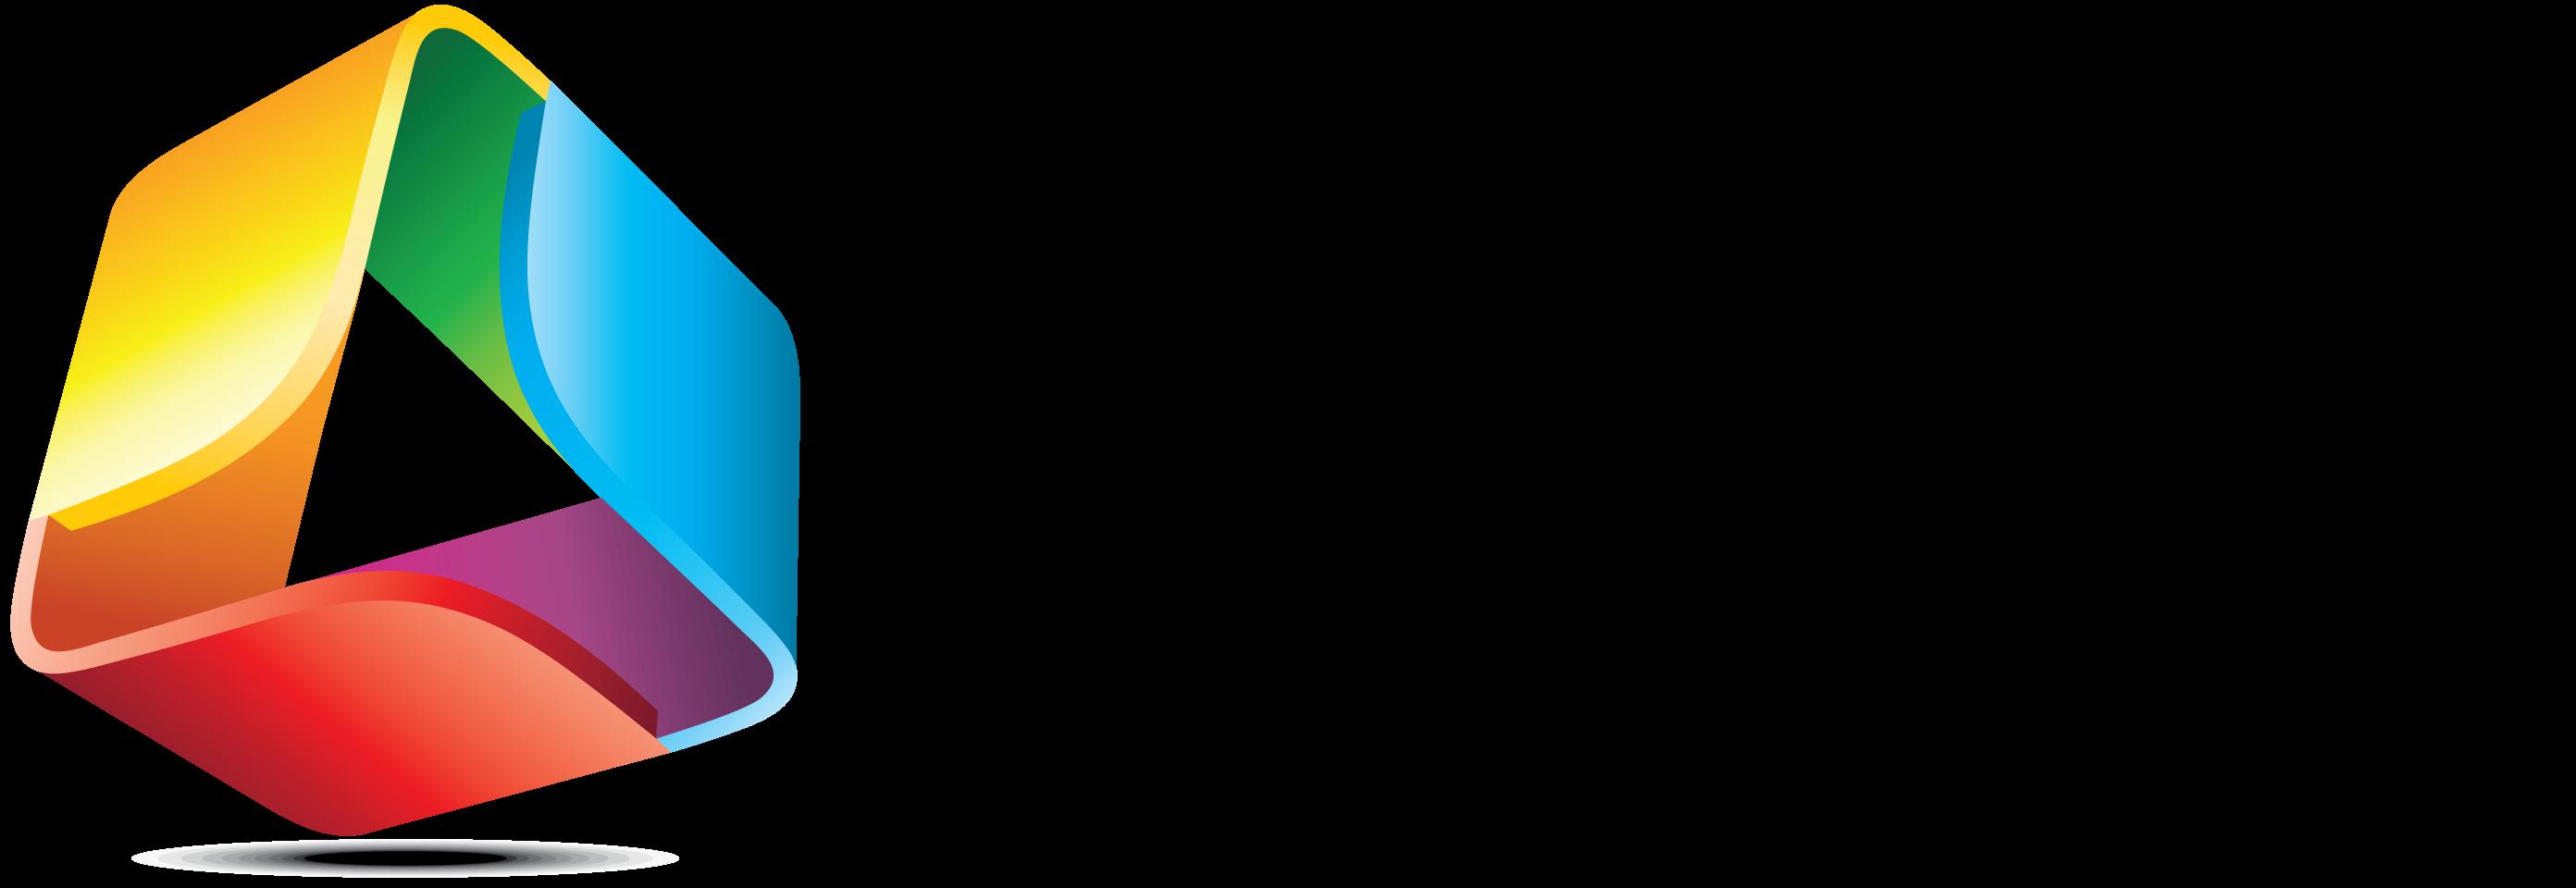 press kit and amahi logo rh amahi org